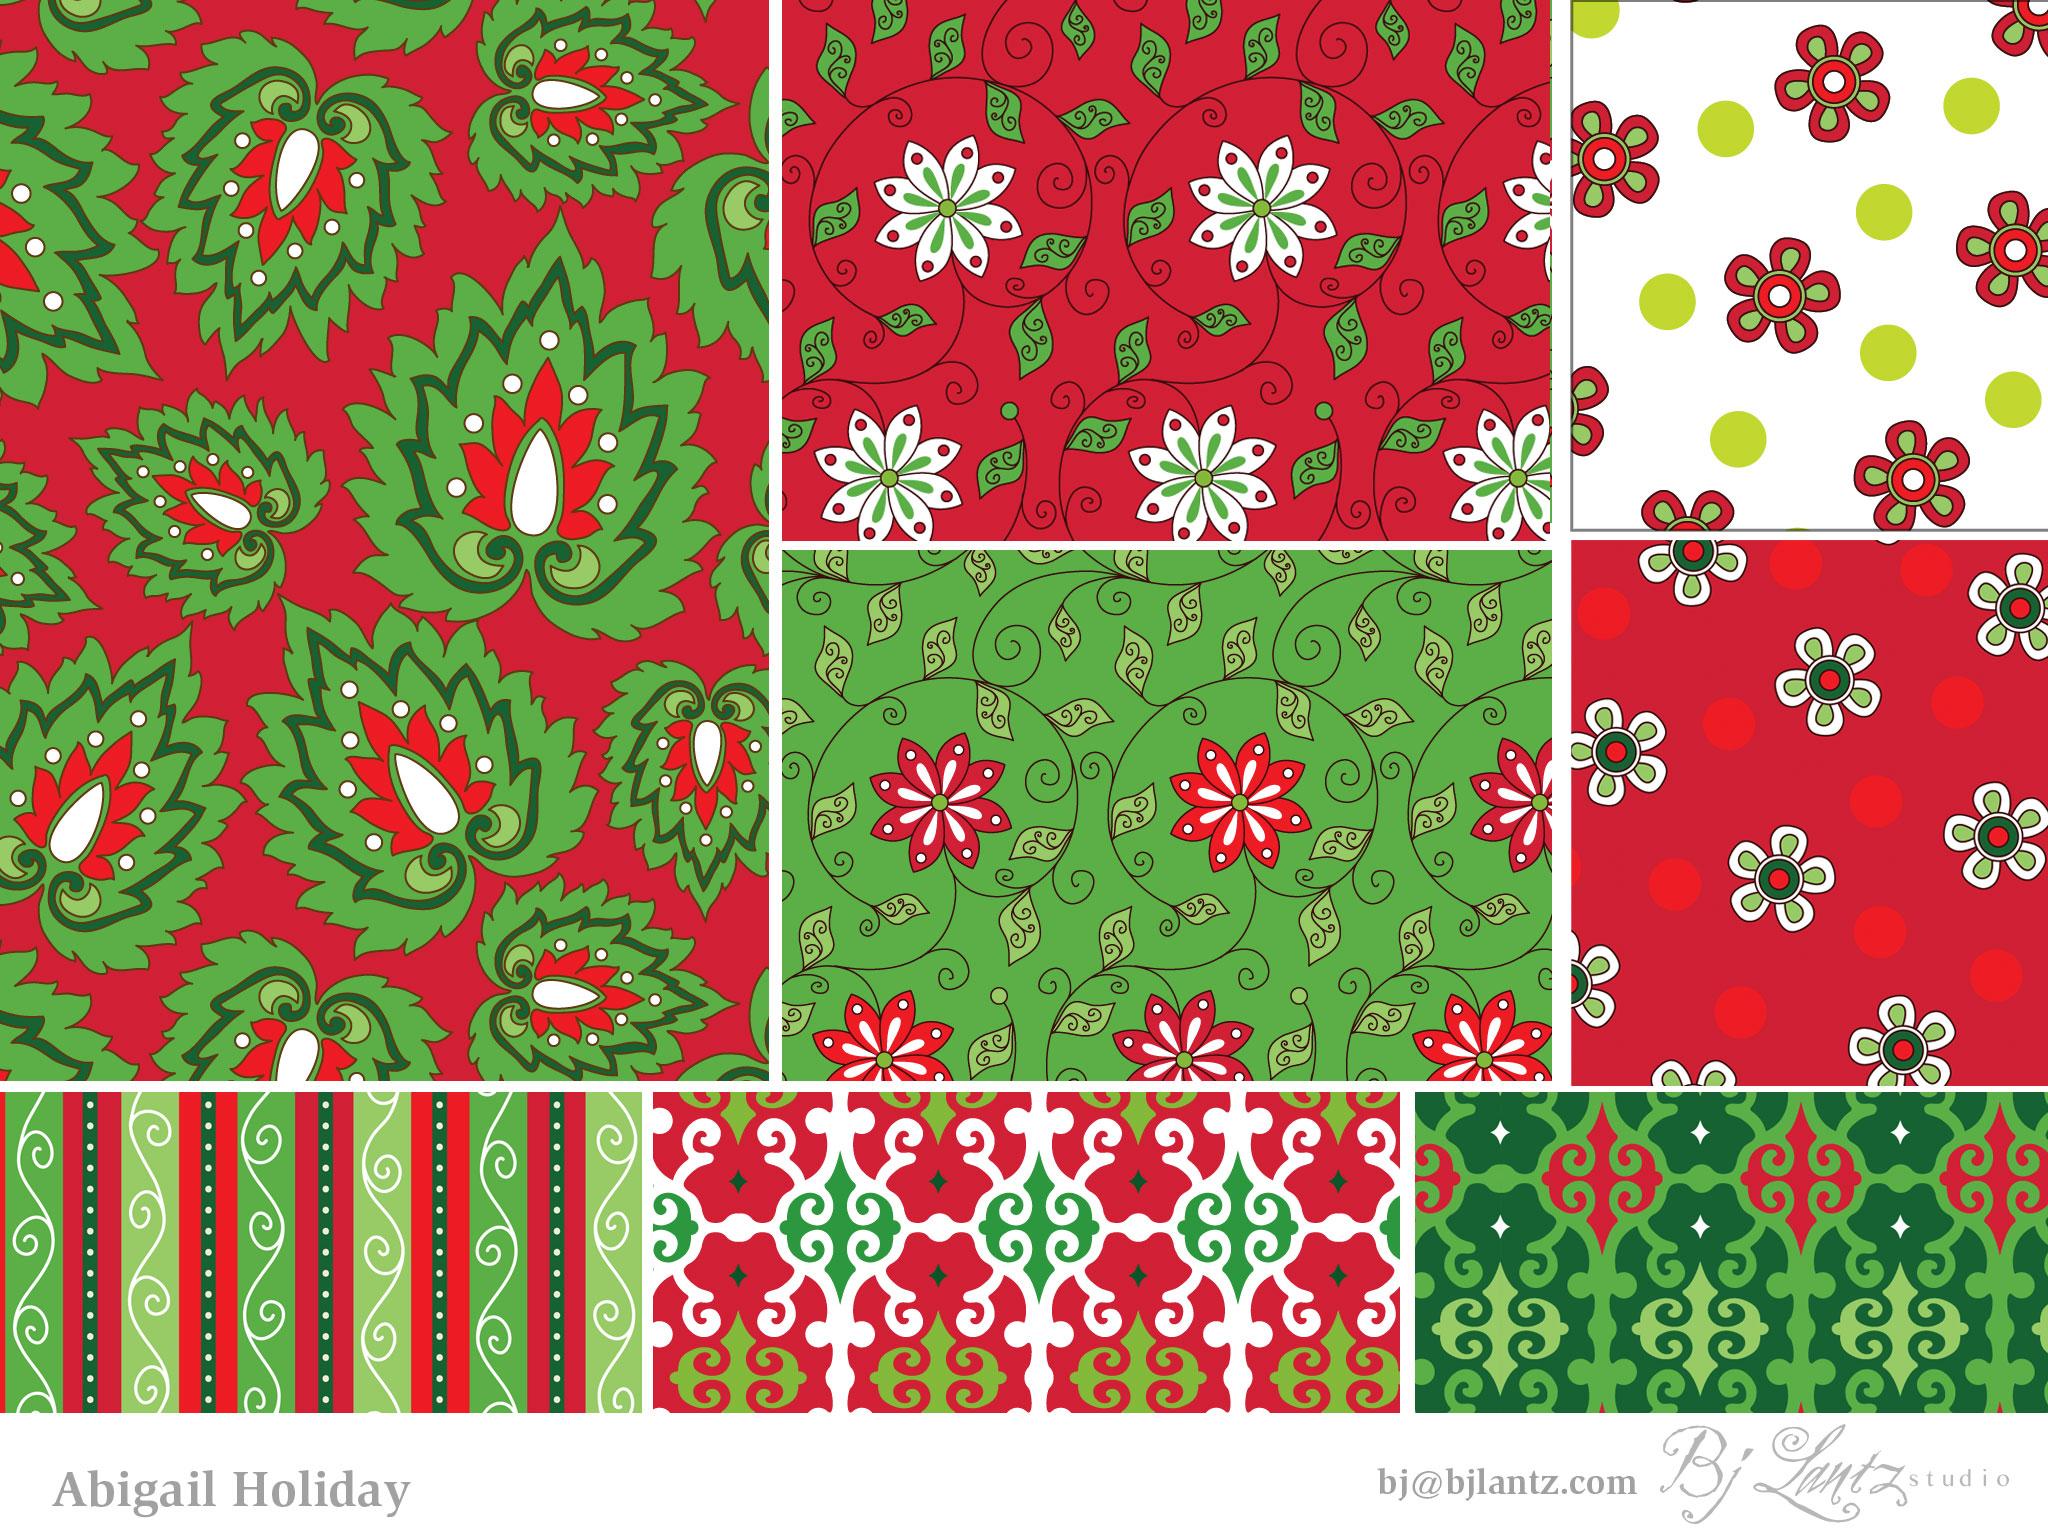 Abigail-Holiday_portfolio_2.jpg